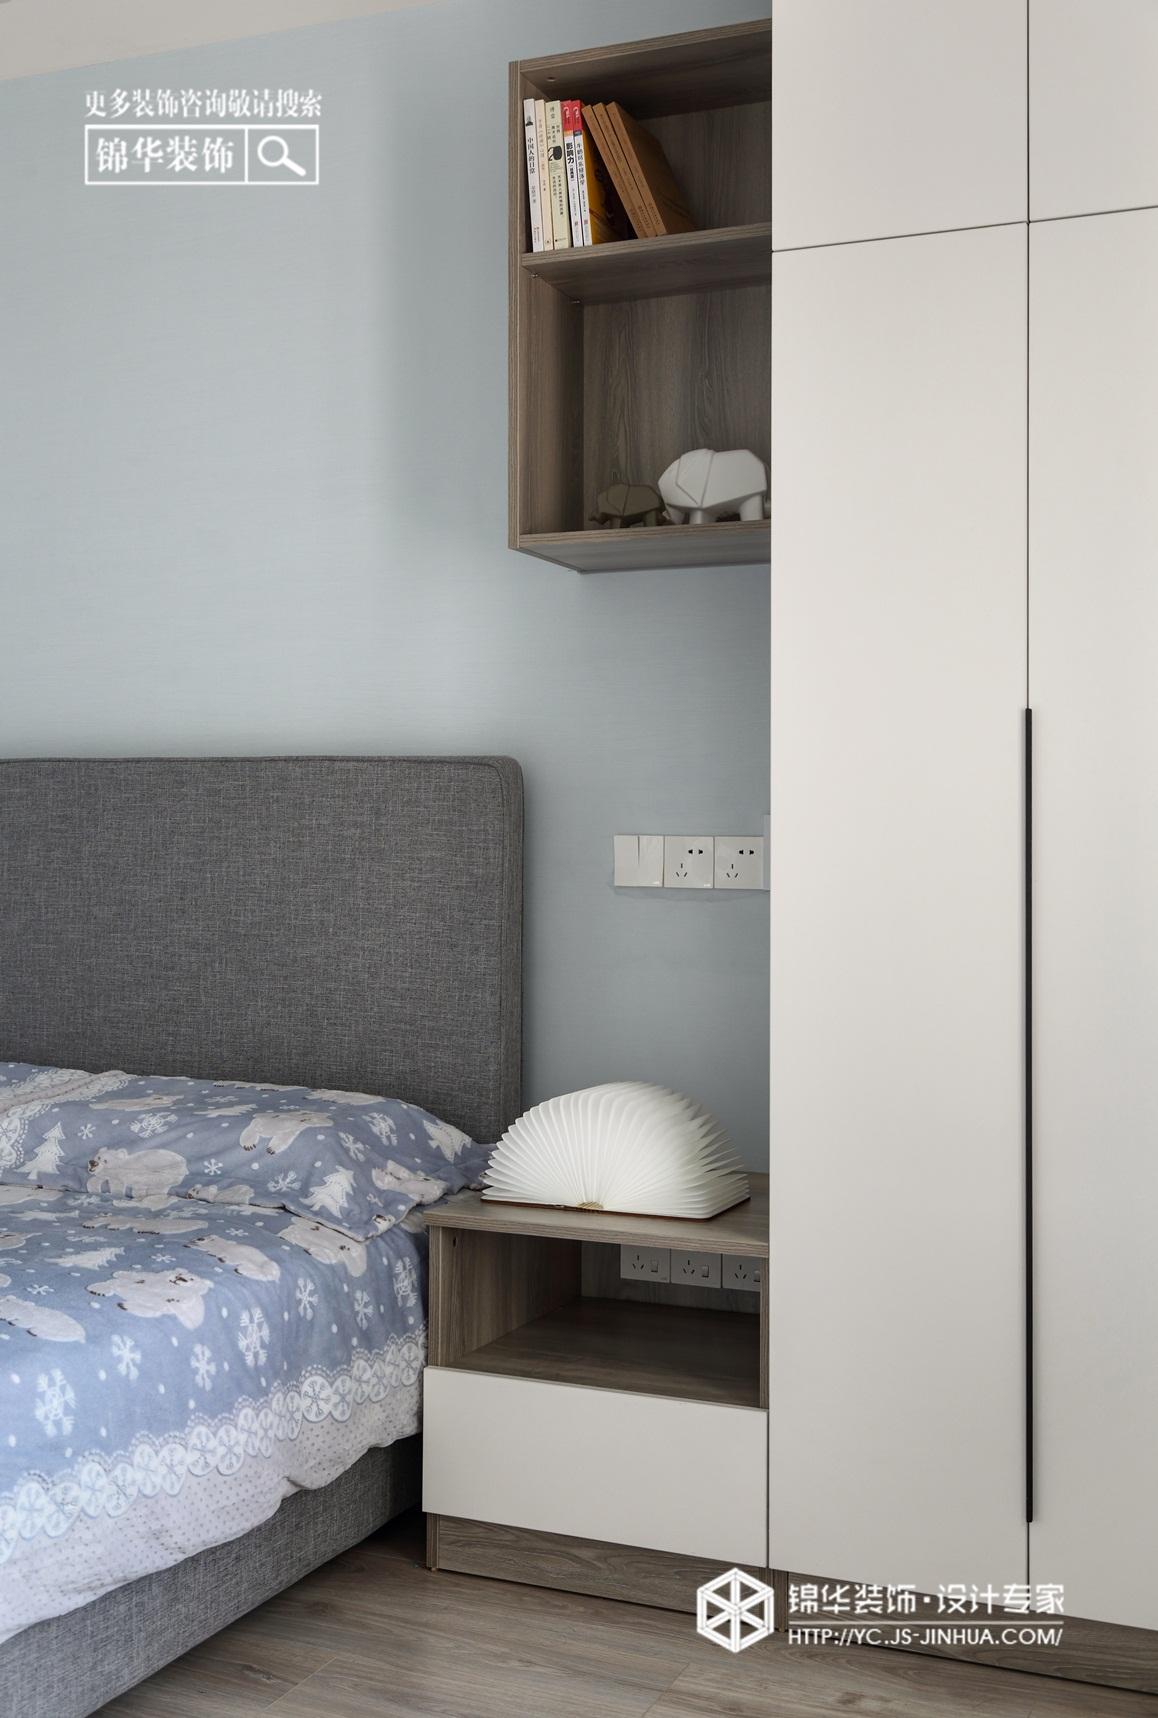 北欧风格-凤鸣缇香-三室两厅-105㎡装修实景效果图装修-三室两厅-北欧